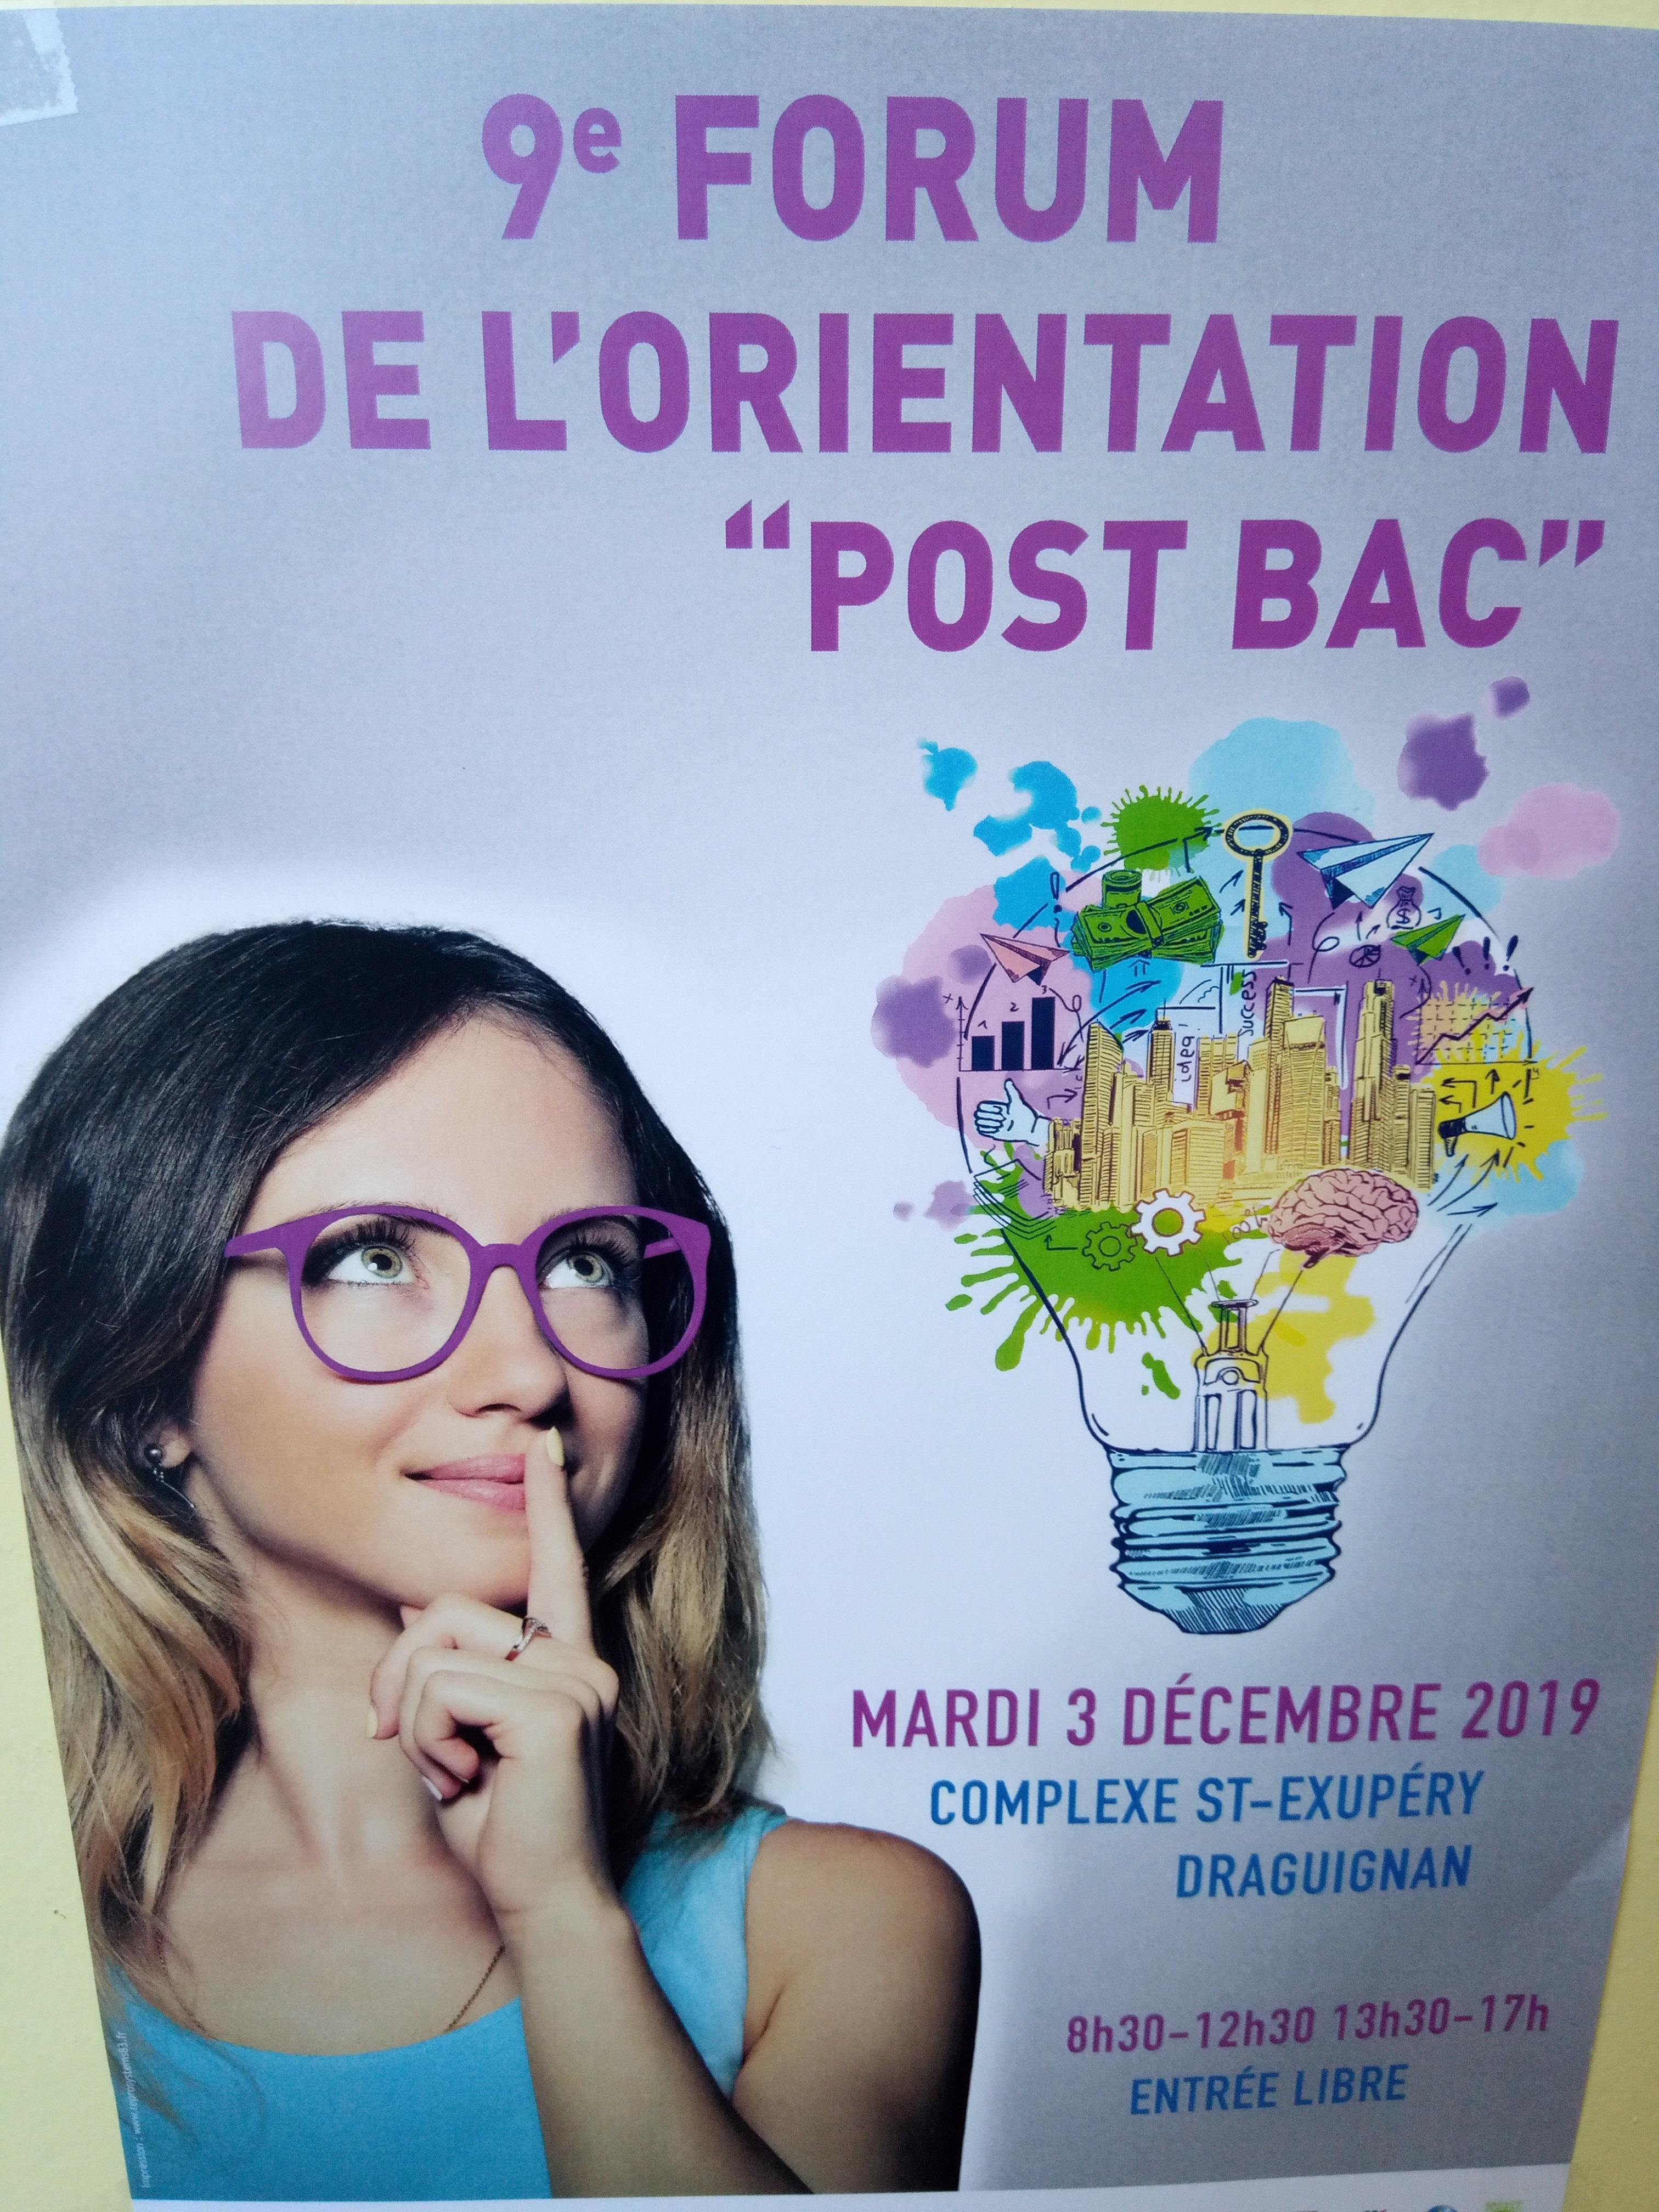 Forum de l'orientation post Bac, Draguignan, 3 décembre 2019.